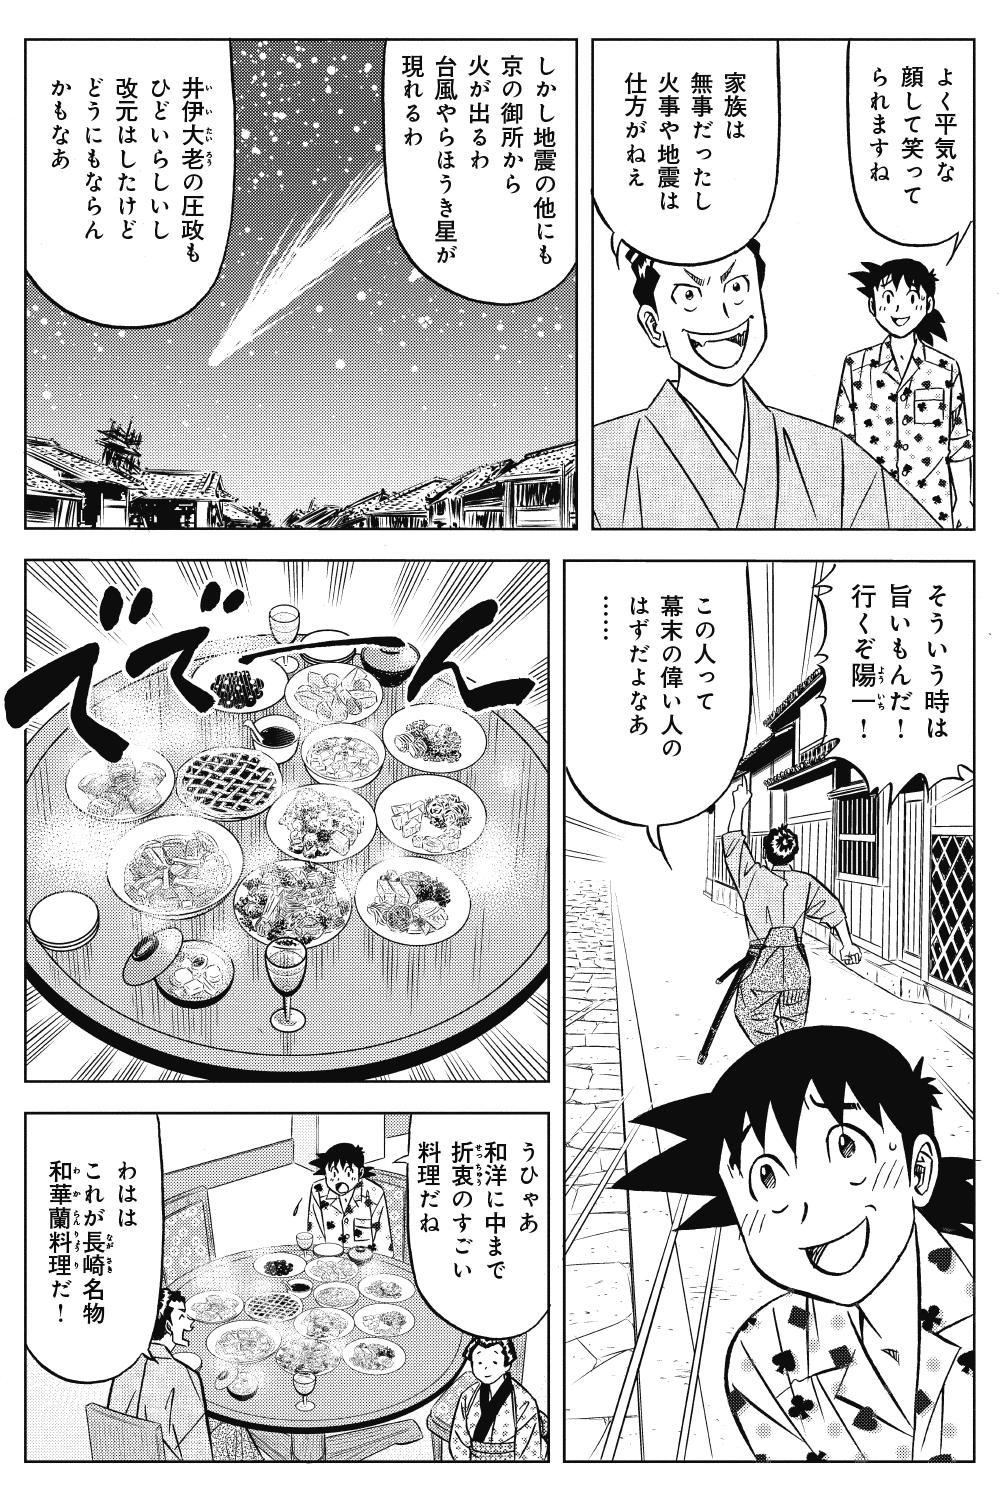 ミスター味っ子 幕末編 第2話「列強襲来」①ajikko2-1-6.jpg